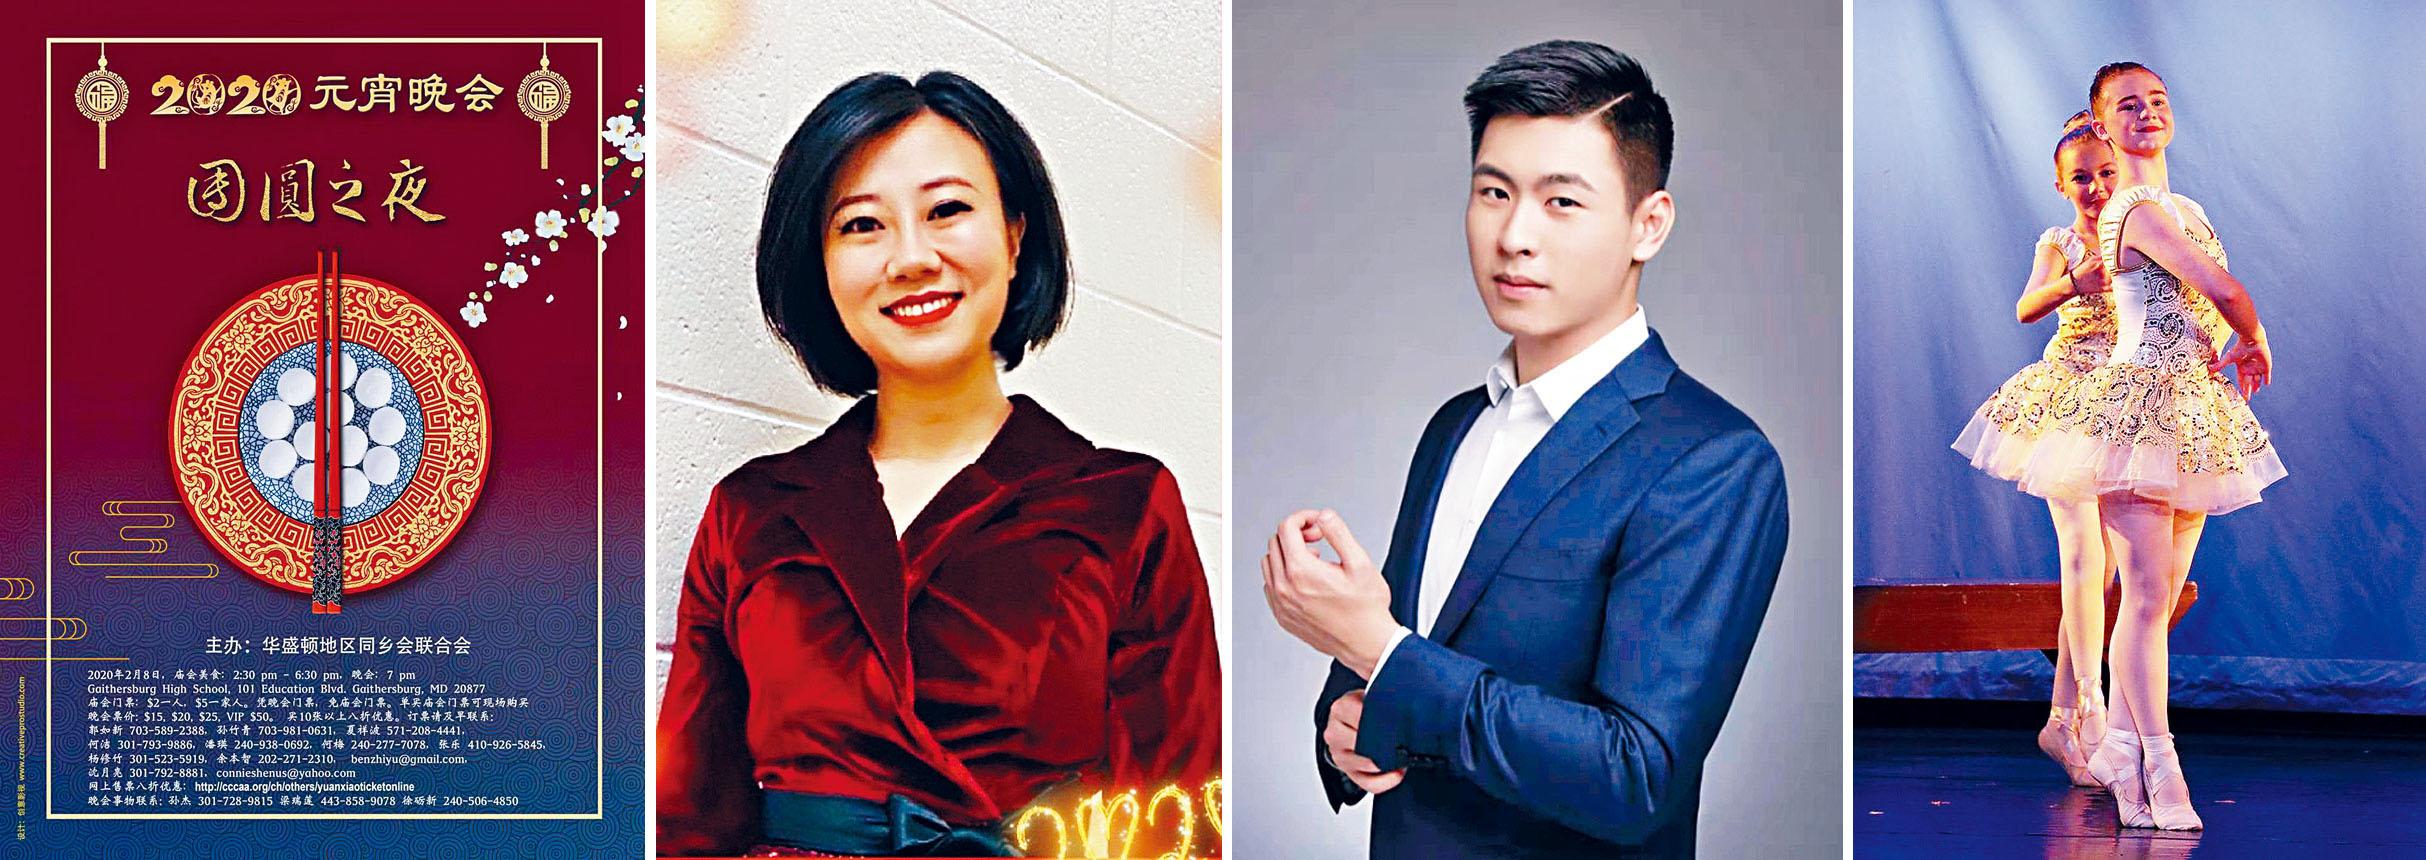 (左至右)活動海報。女主持人孫蕾。男主持人賈桐。■歌舞表演。